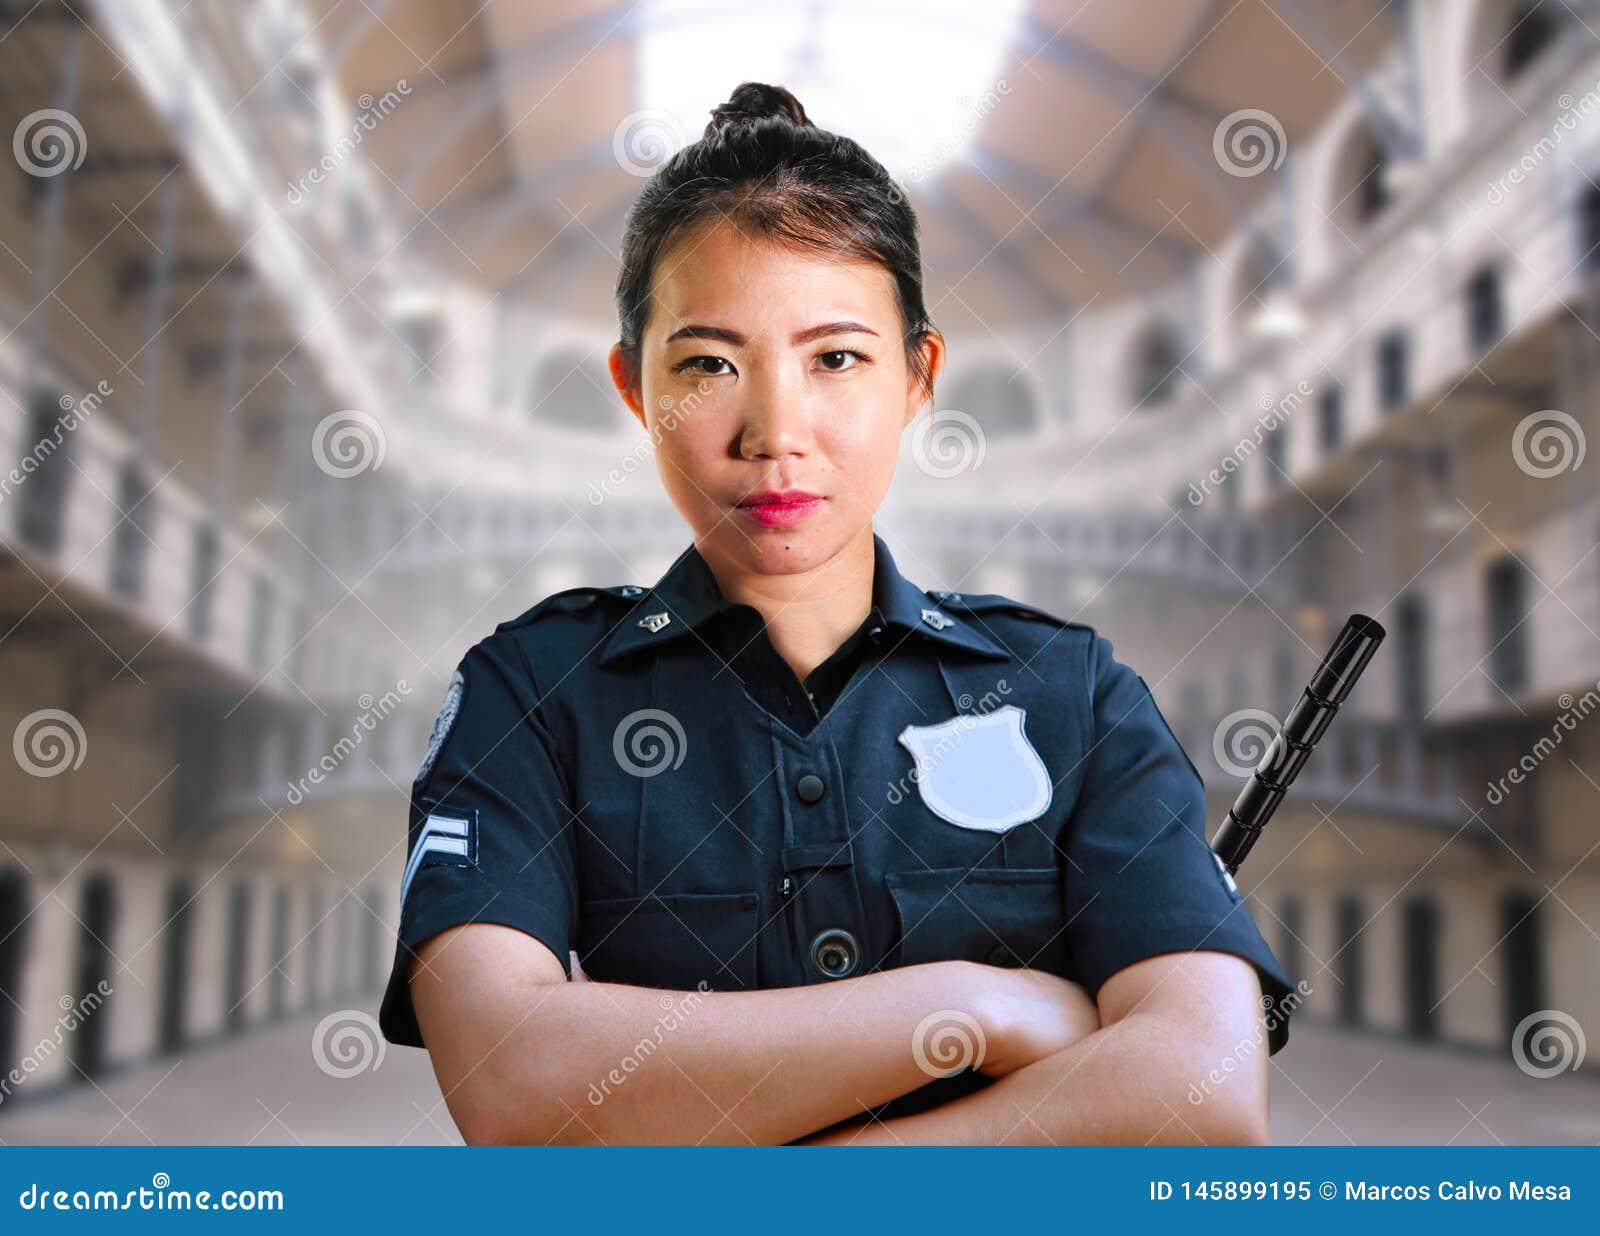 Νέα σοβαρή και ελκυστική ασιατική αμερικανική γυναίκα φρουράς που στέκεται στην αίθουσα φυλακών κρατικών σωφρονιστηρίων που φορά